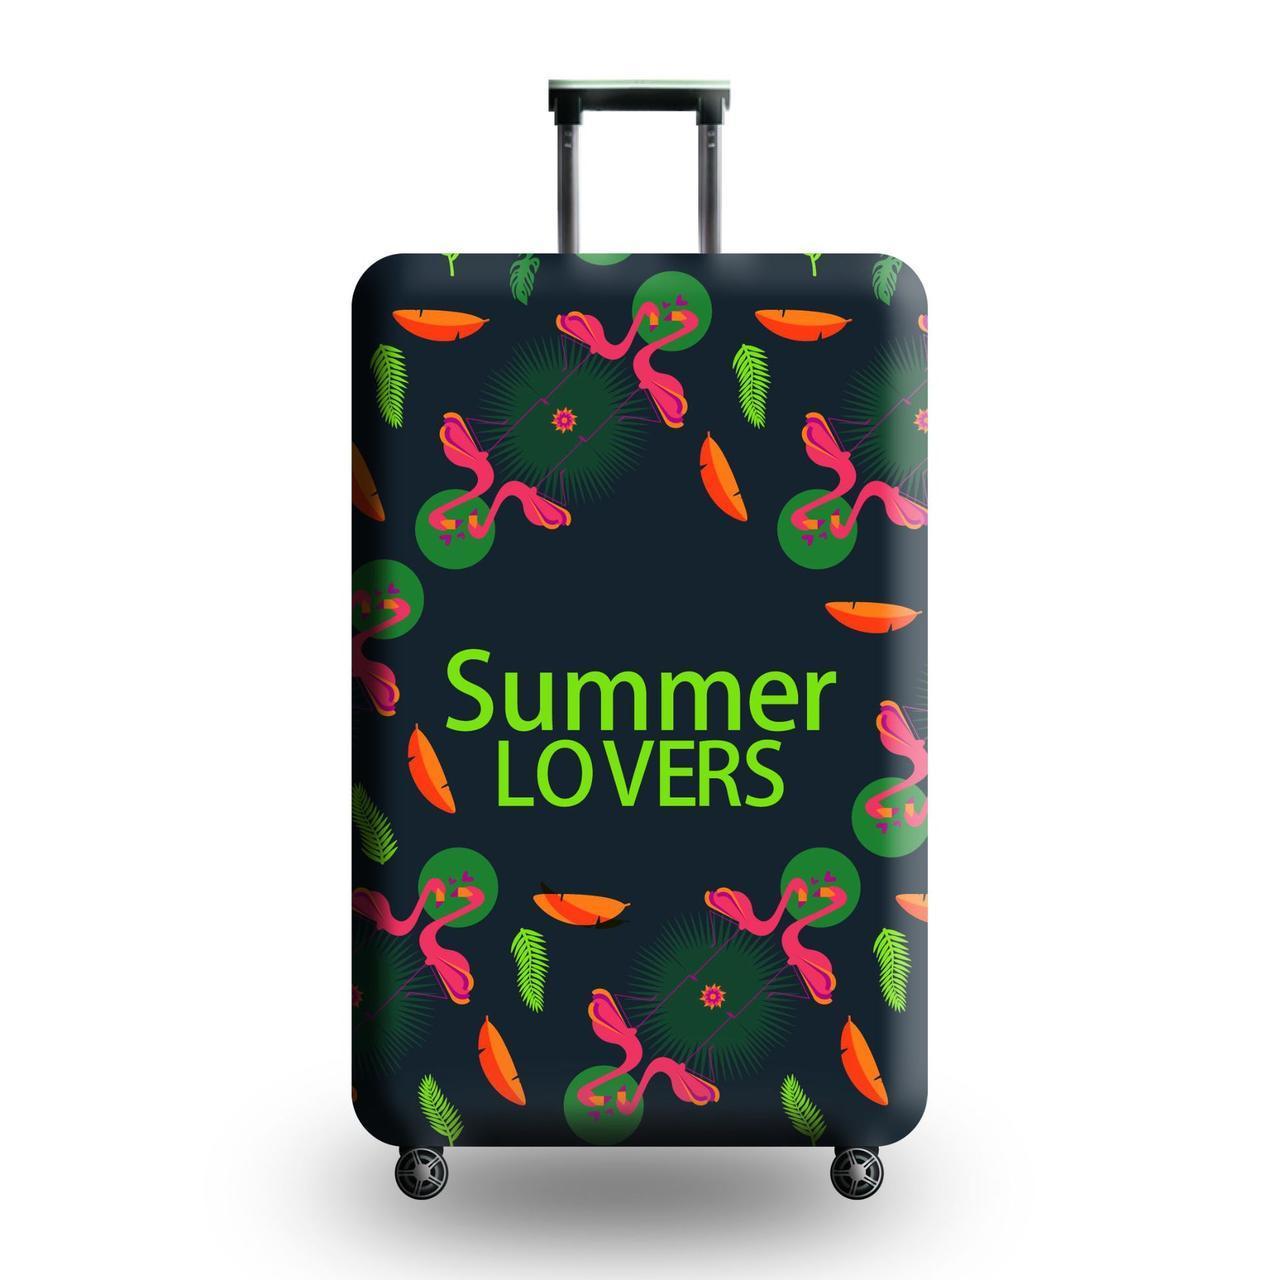 Защитный чехол для чемодана Summer Lovers и другие модели